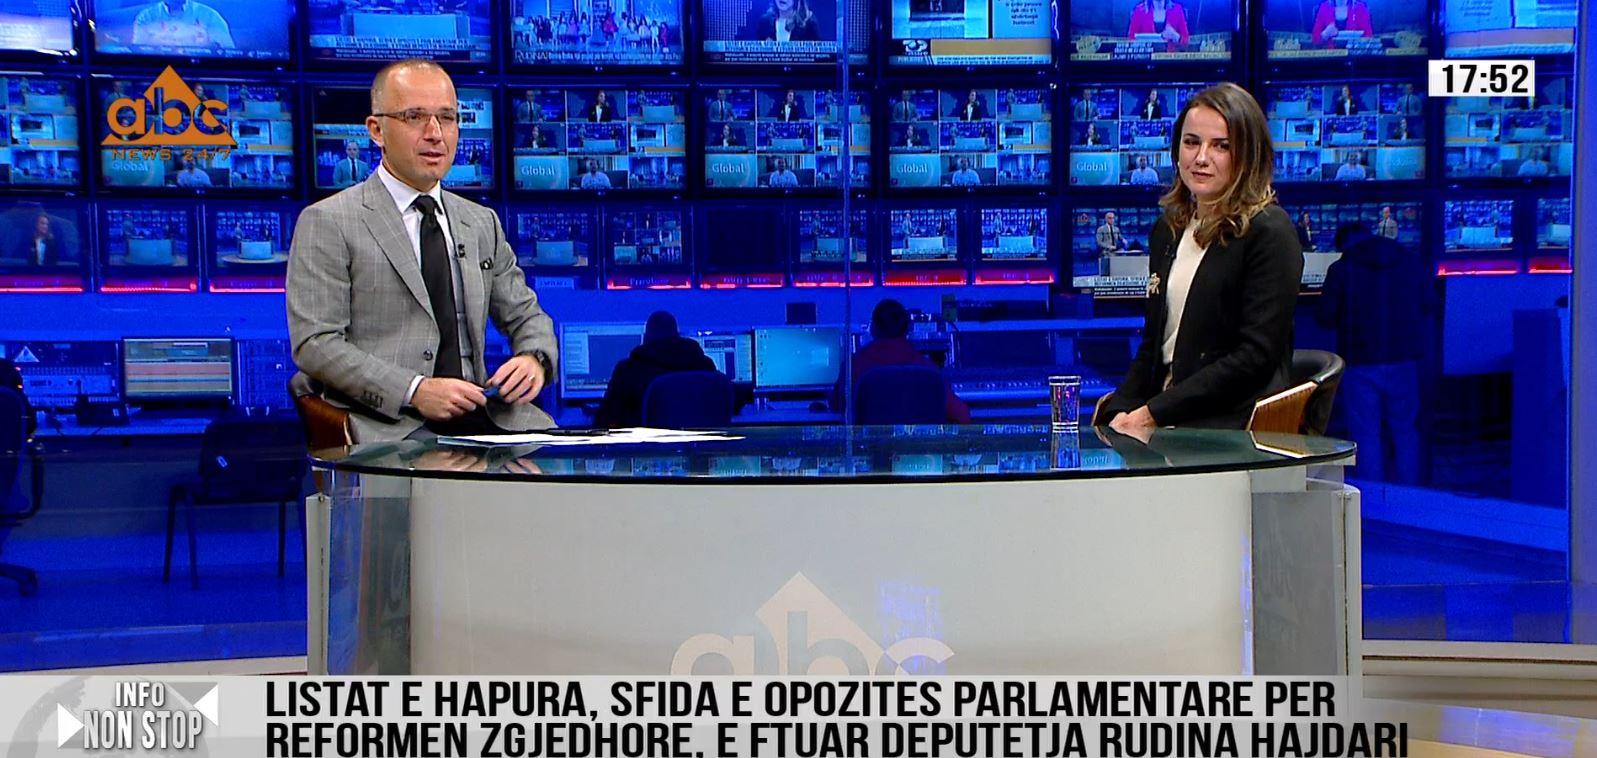 Rudina Hajdari pranon se ndryshimi i sistemit zgjedhor, do të favorizonte vazhdimin e karrierës së saj politike